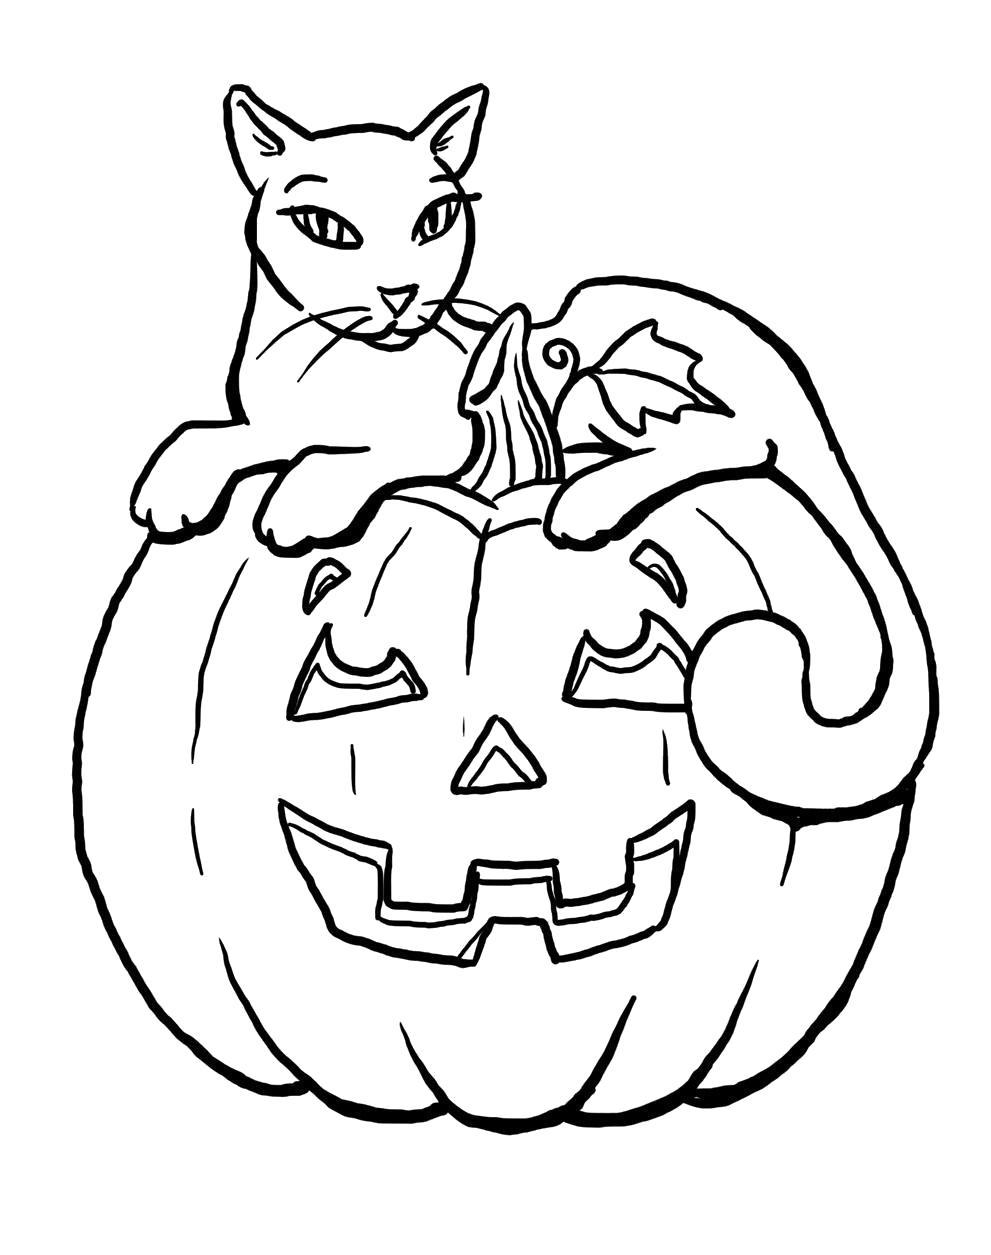 Раскраска Кошка на тыкве. Скачать тыква на хэллоуин.  Распечатать Хэллоуин